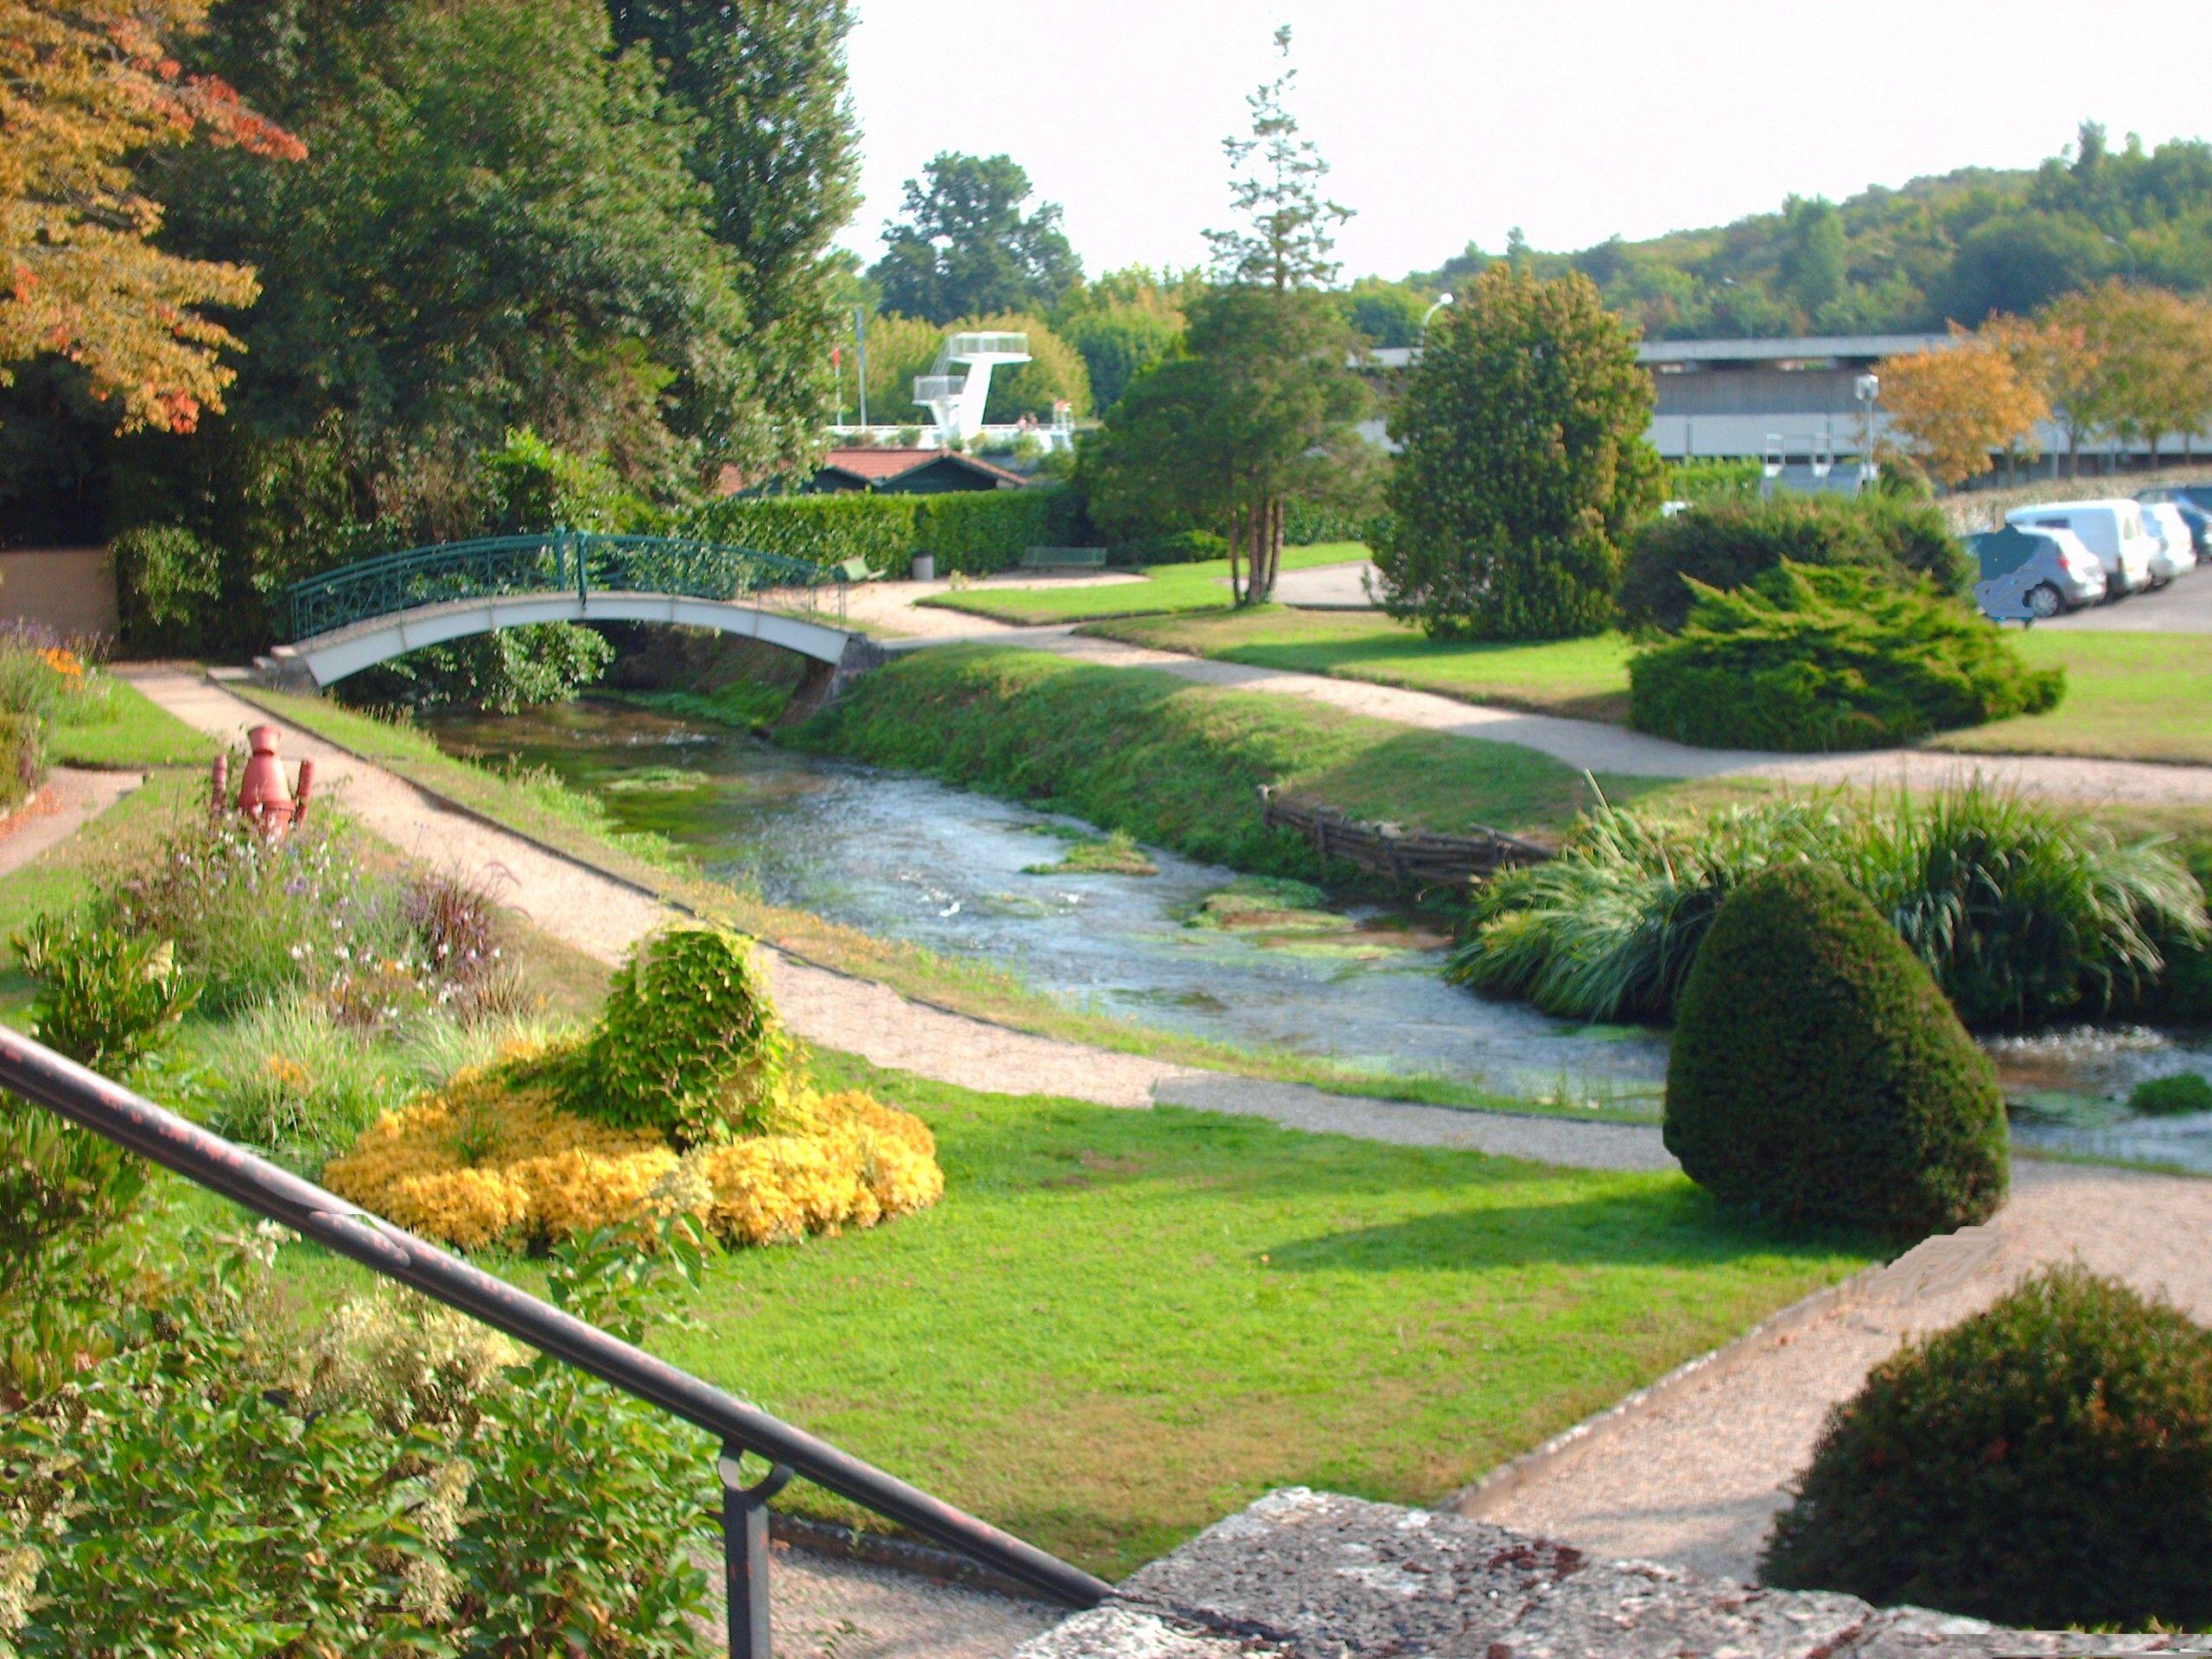 Parc de l 39 glise paysages pays de casteljaloux parc - Office tourisme casteljaloux ...